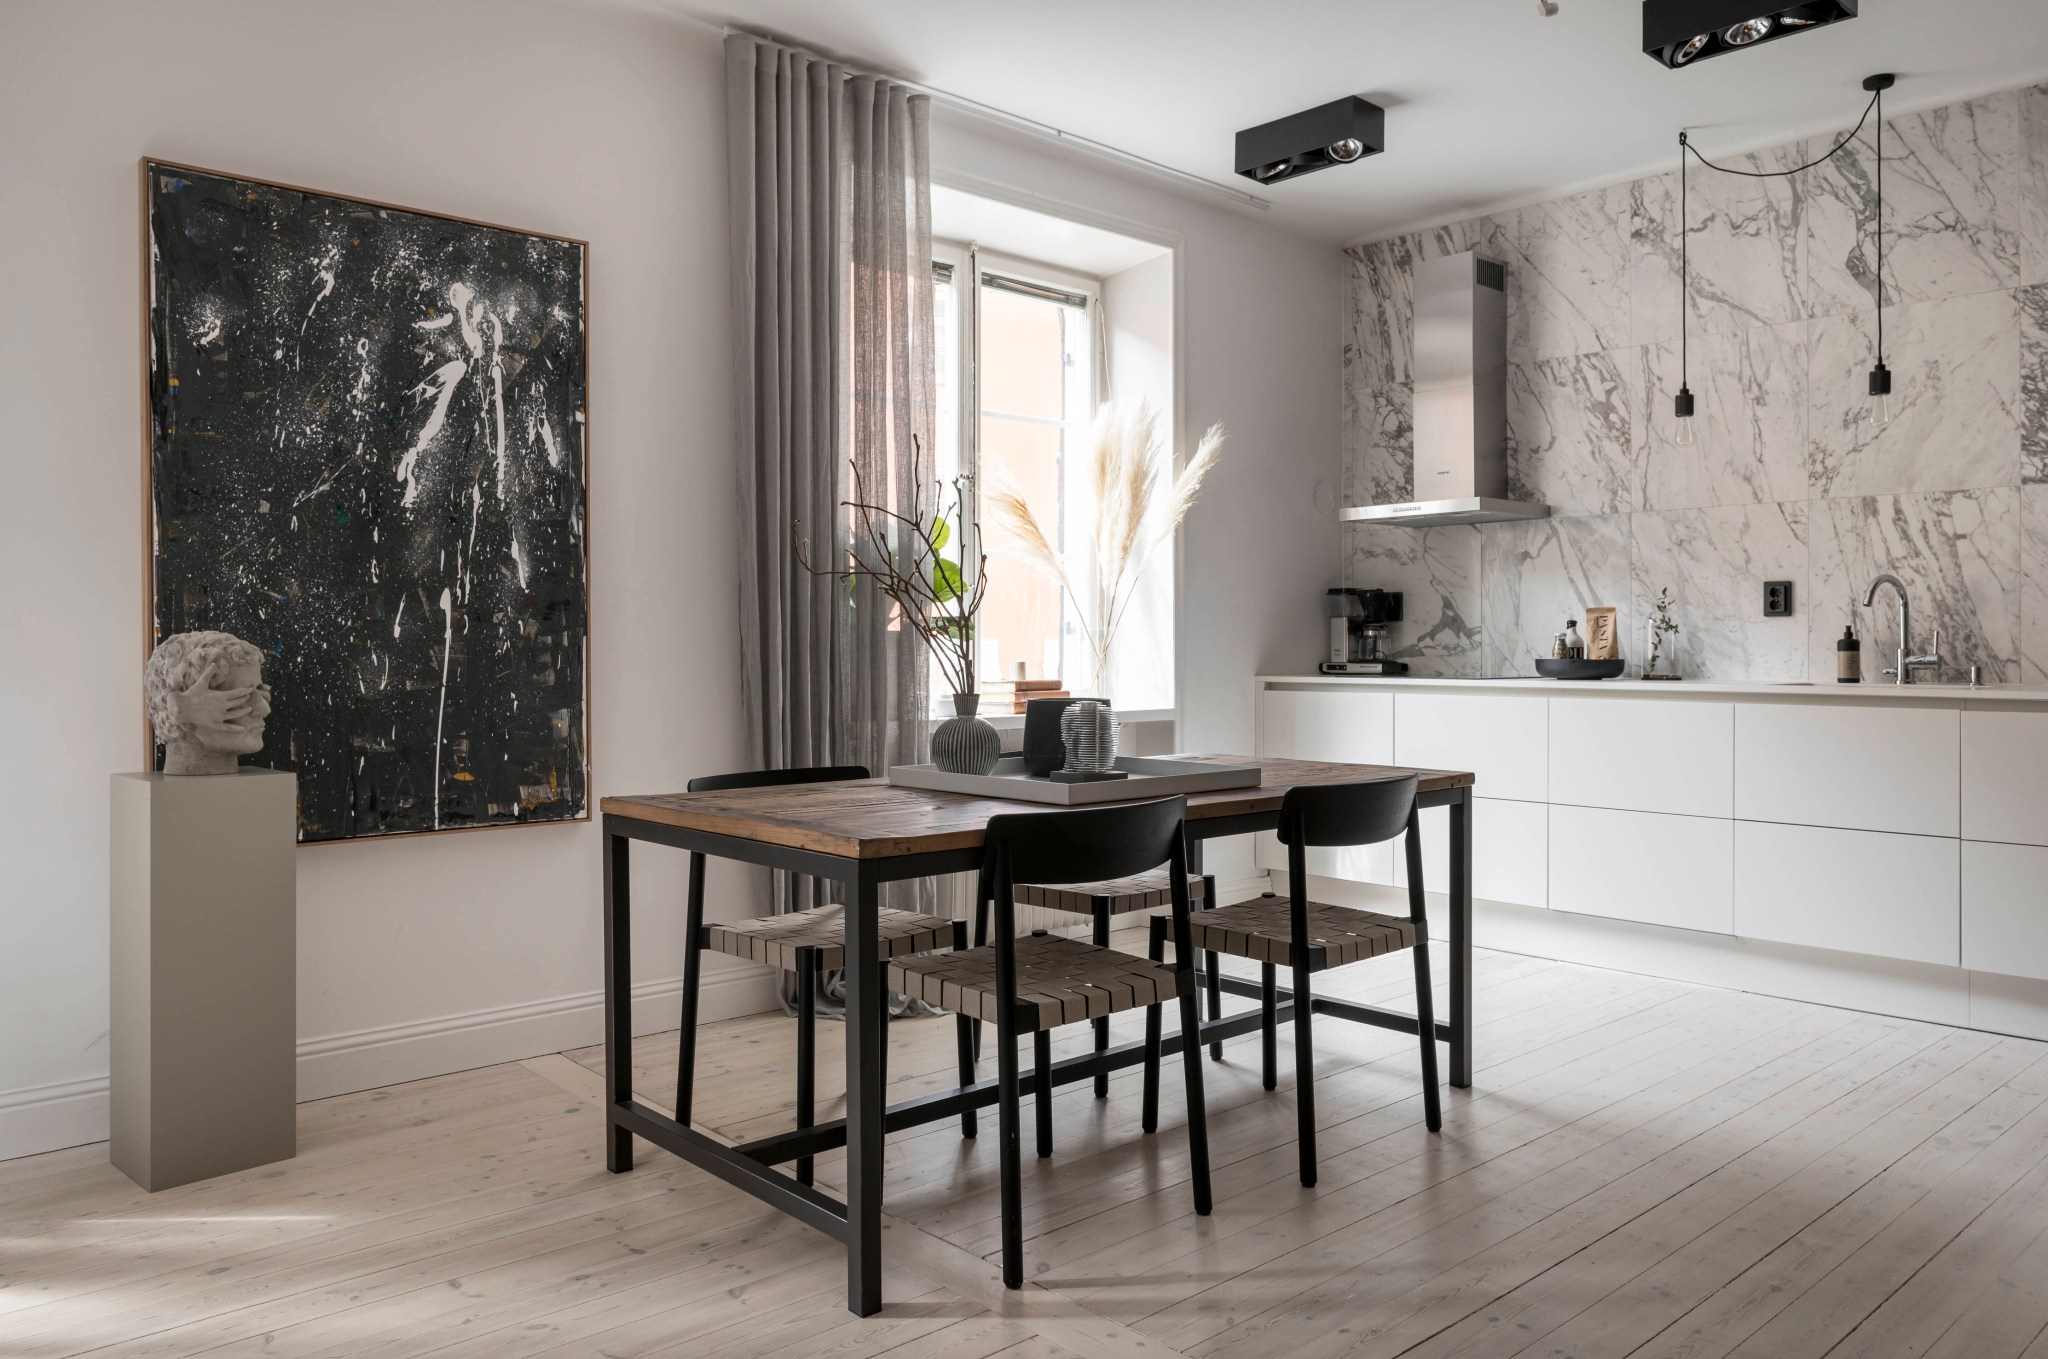 Uși de sticlă între living și dormitor într o garsonieră de 49 m² din Suedia 18